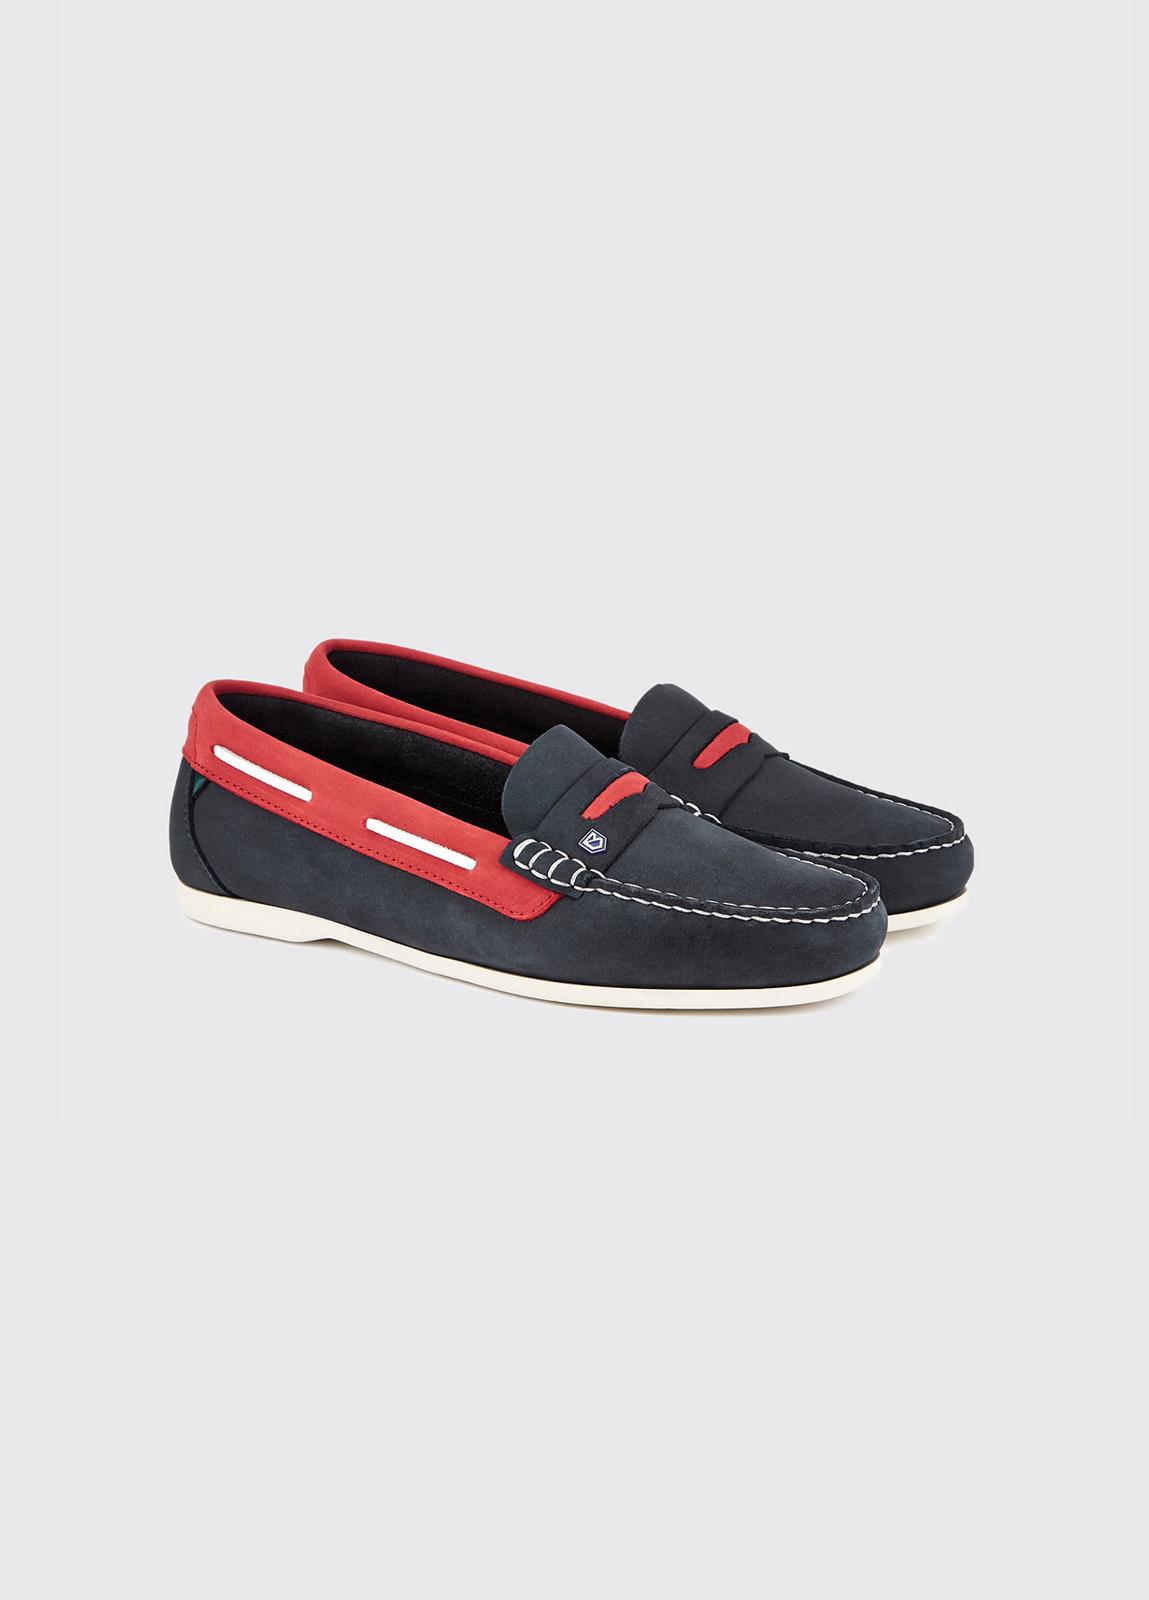 Belize Deck Shoe - Denim/Red